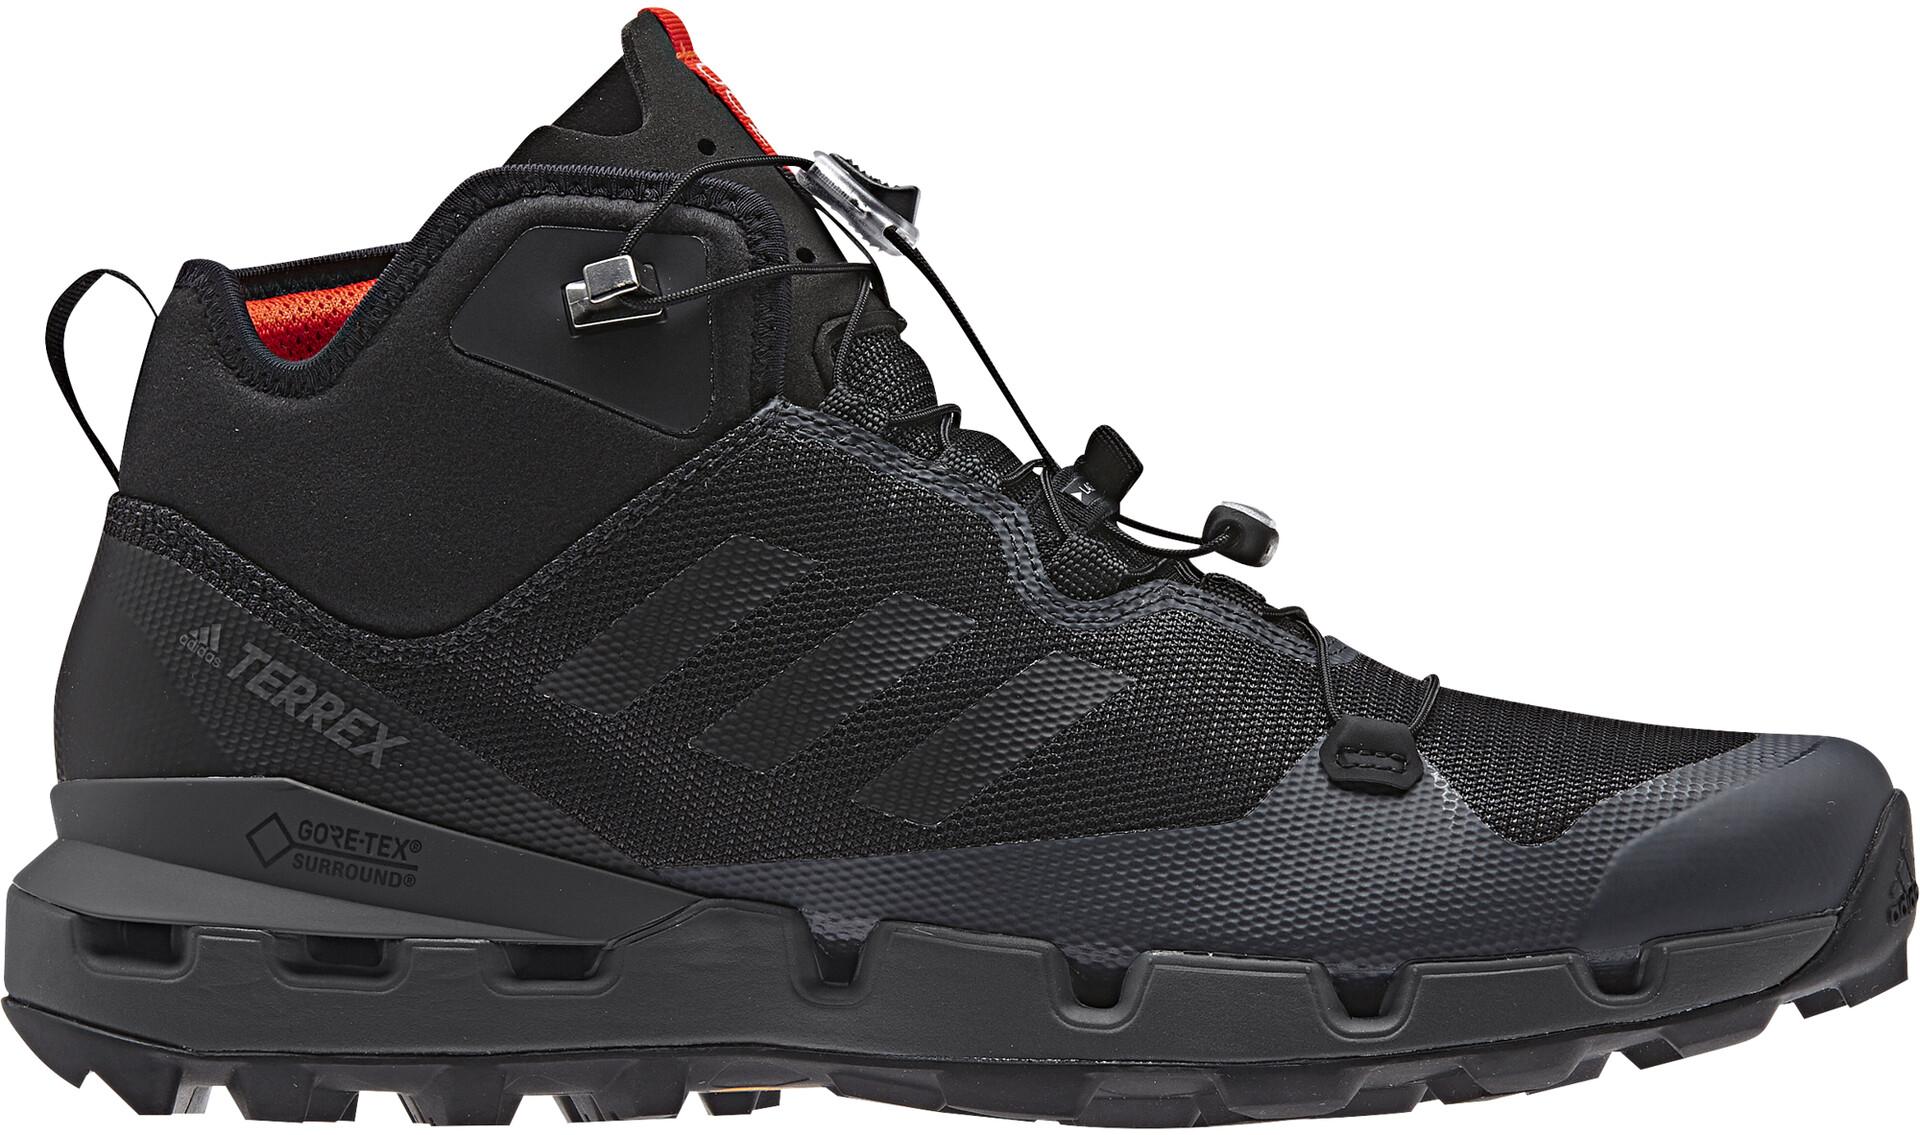 Fast Gtx Mid Sur Adidas Homme Chaussures Noir Surround Terrex kX0wPON8n